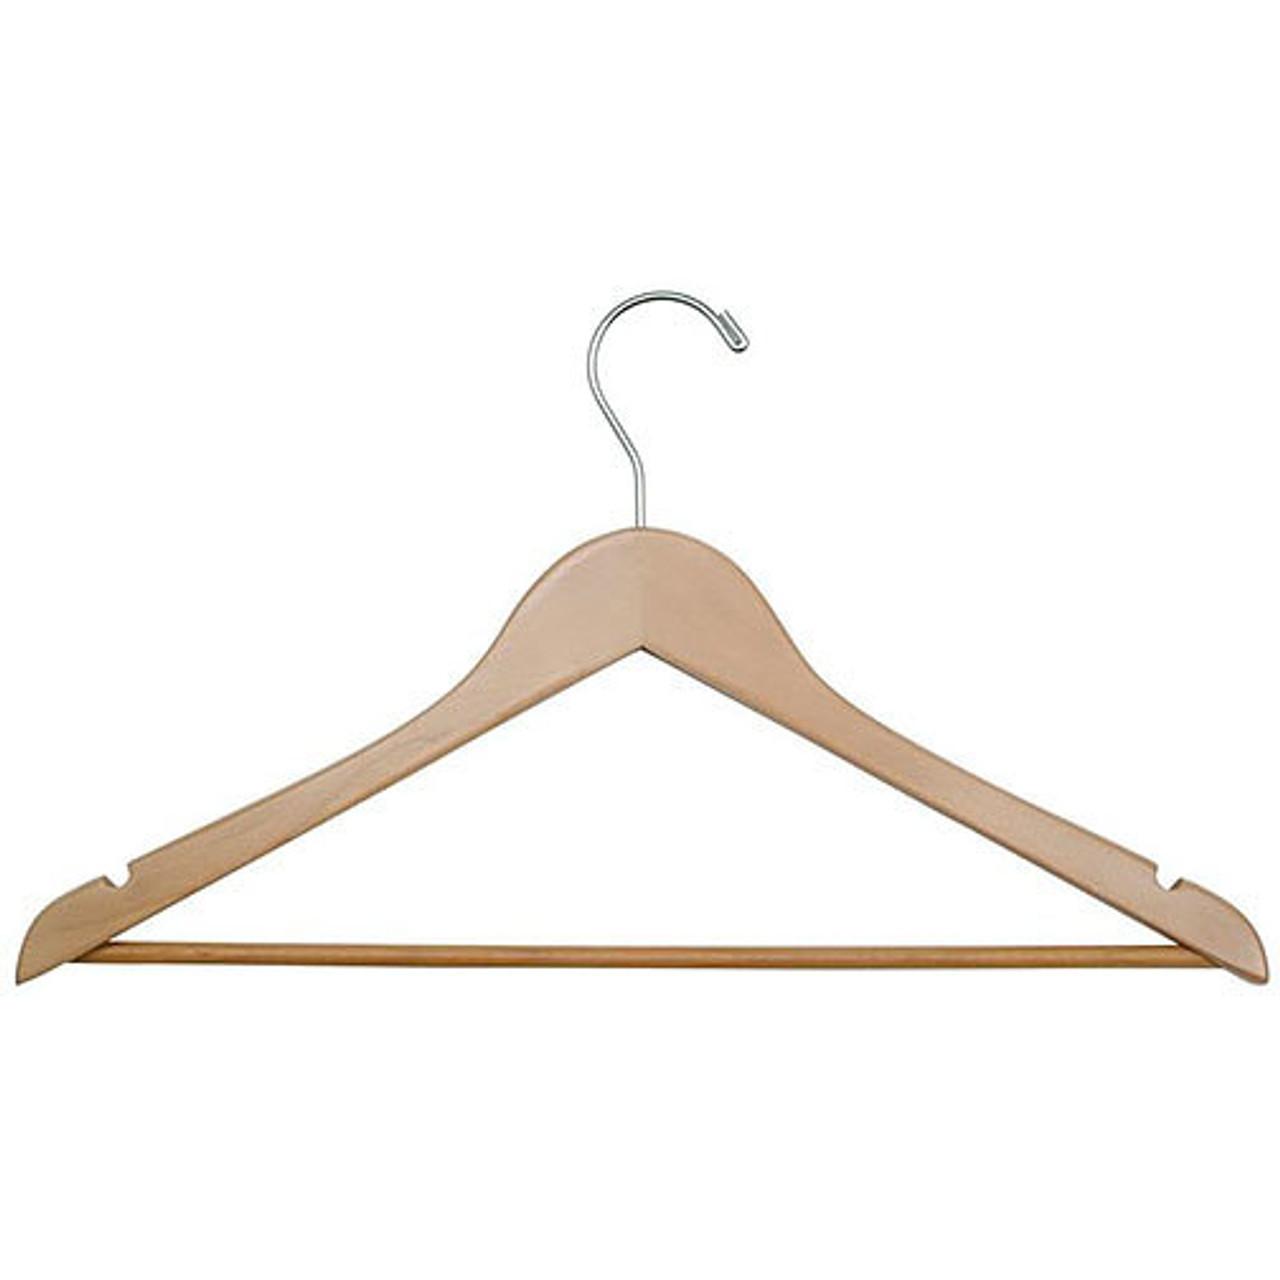 Camden-Boone Coat Hangers